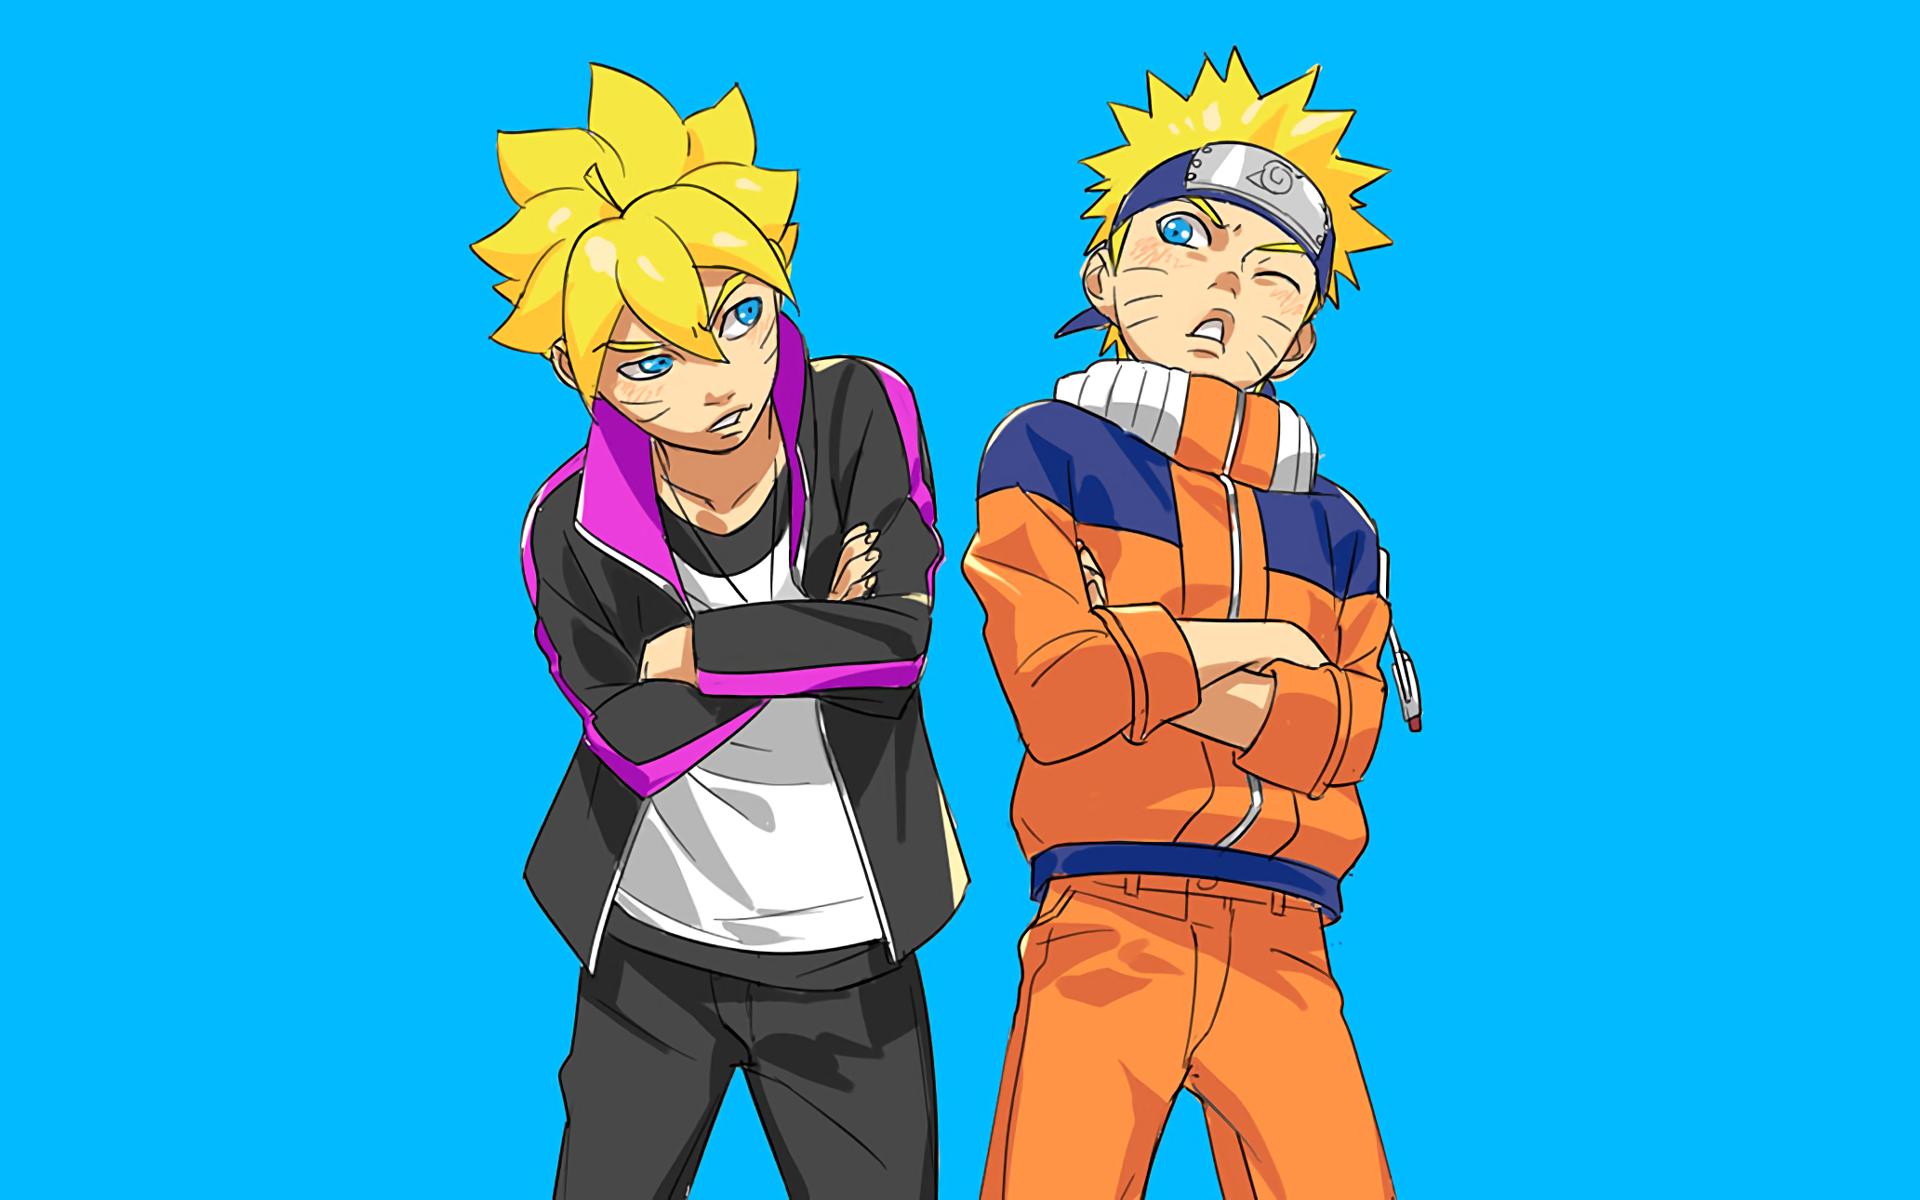 Anime Boruto Boruto Uzumaki Naruto Uzumaki Papel De Parede Papel De Parede Naruto Anime Naruto Naruto Shippuden Sasuke